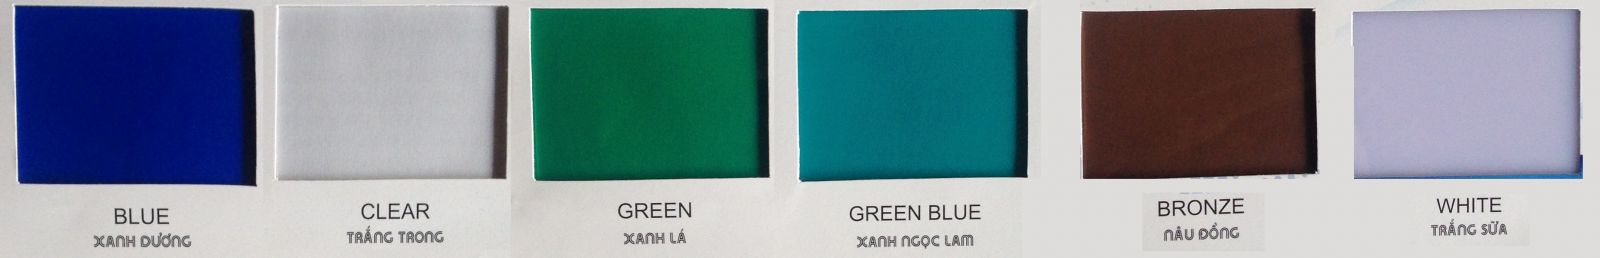 bảng mã màu tấm lợp lấy sáng thông minh polycarbonate đặc ruột